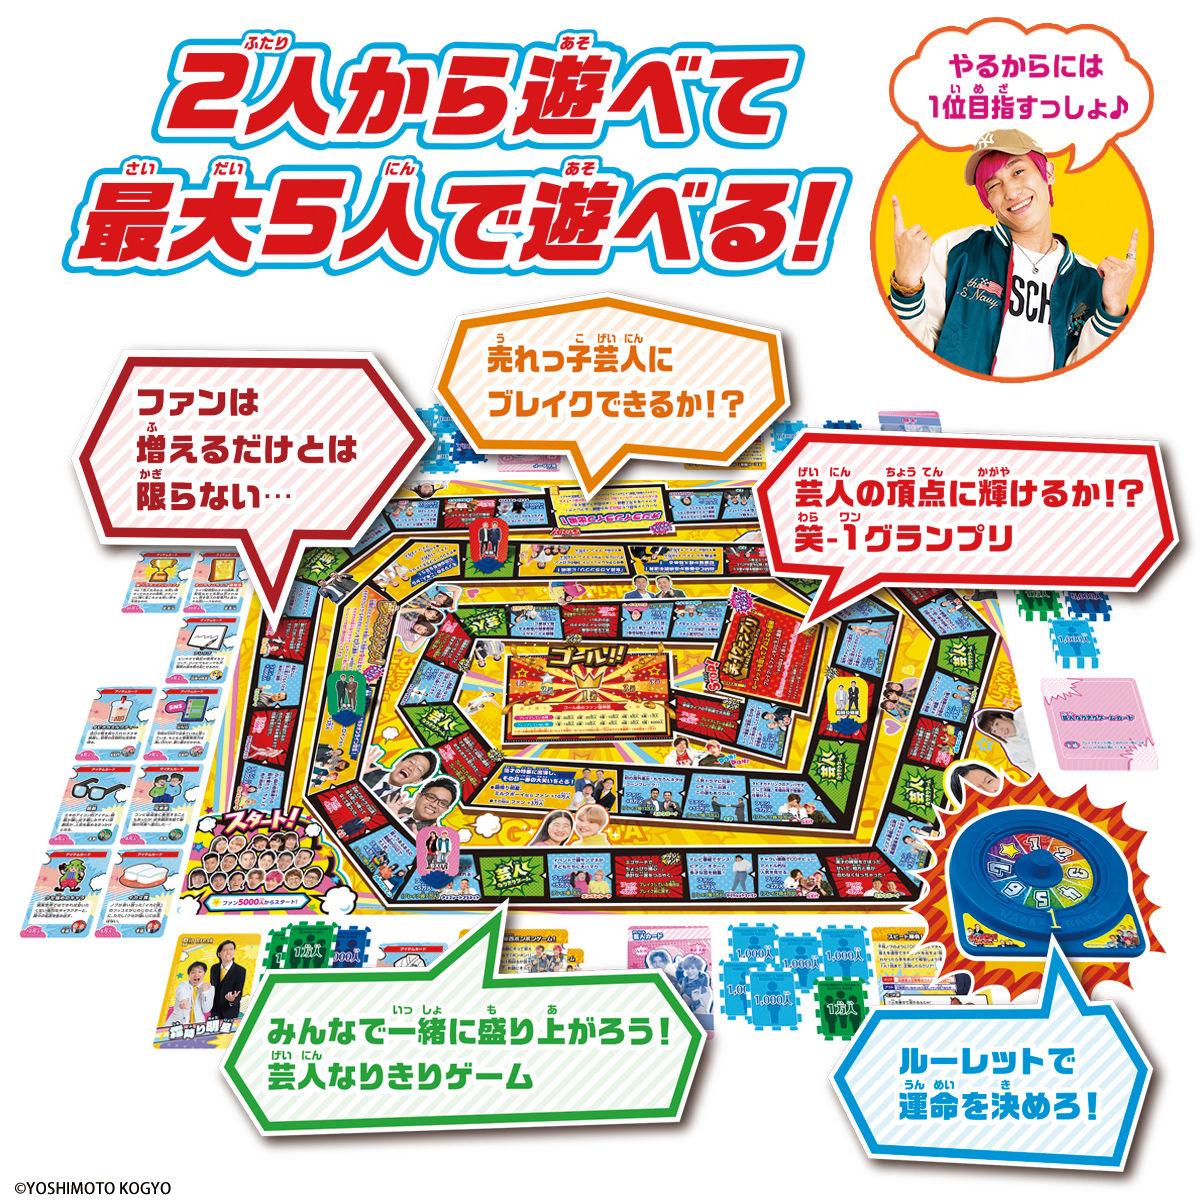 よしもと 笑-1ボードゲーム